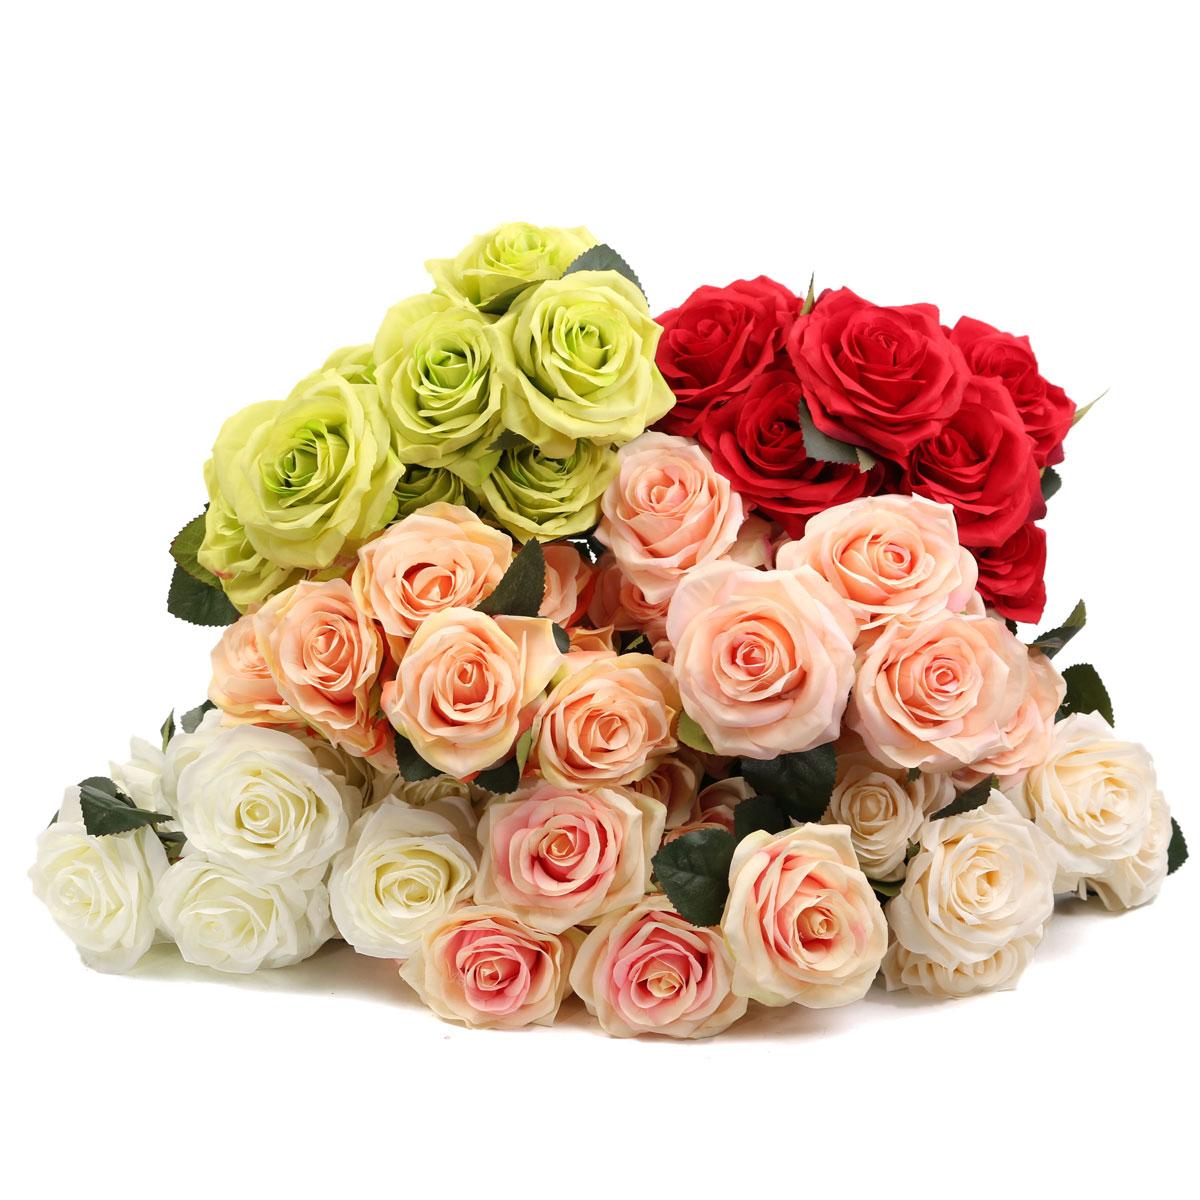 Image of 10 Köpfe der Kunstseide Blumen Rosen Hochzeits Blumenstrauß Partei Hauptdekoration